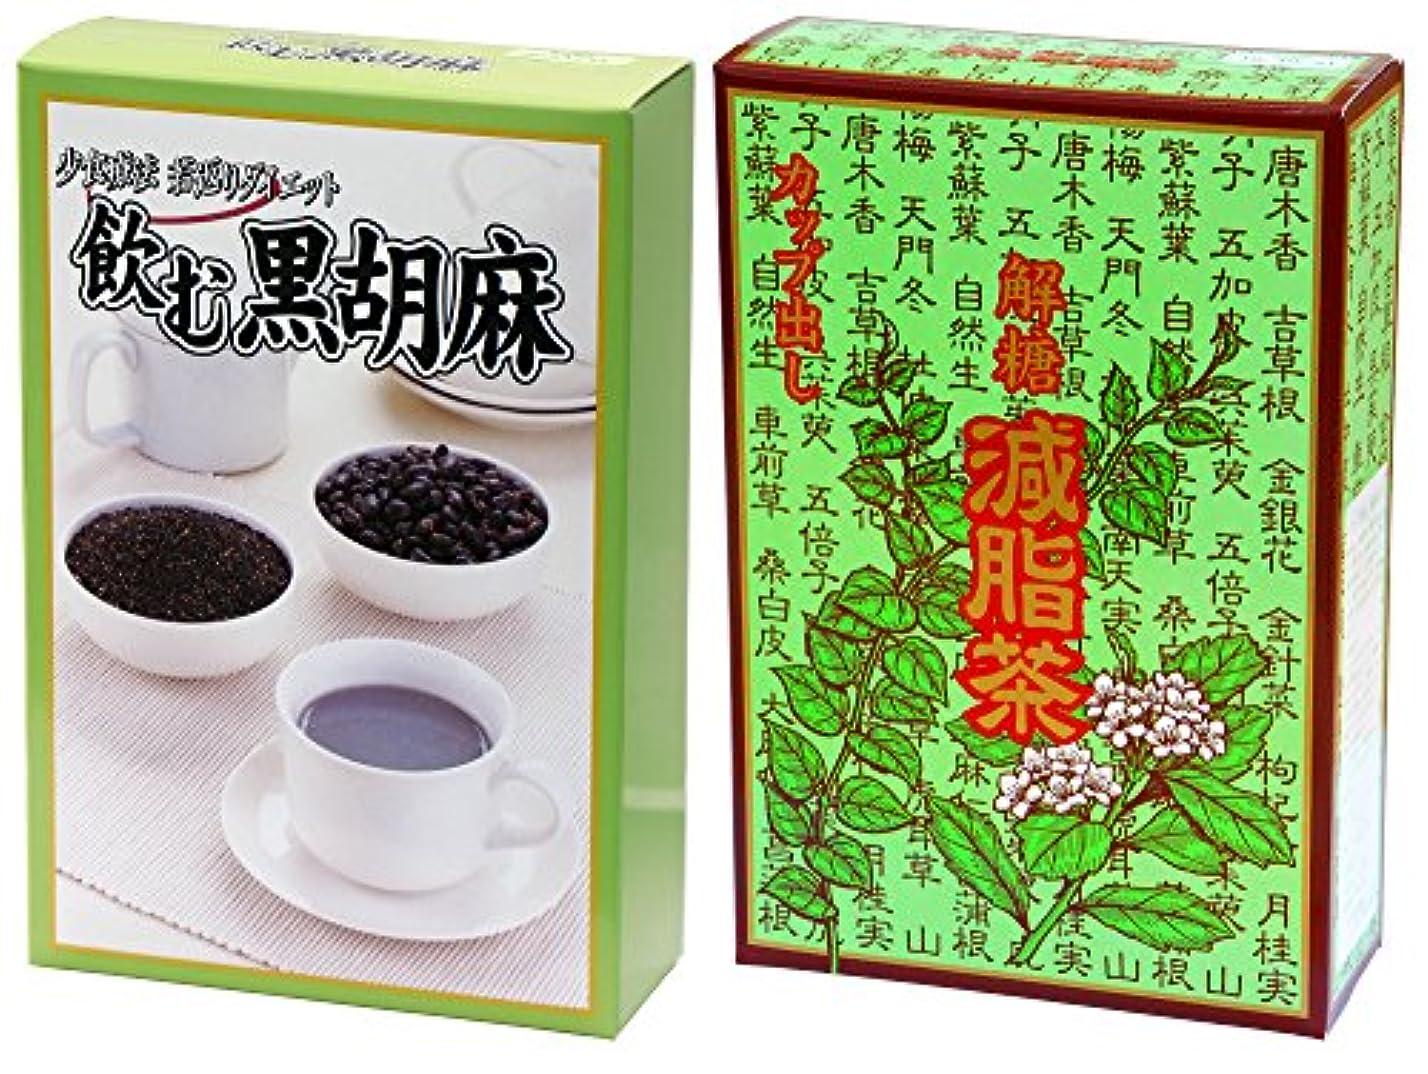 ストレッチ扱いやすい差し迫った自然健康社 飲む黒胡麻?箱 16食 + 減脂茶?箱 64パック